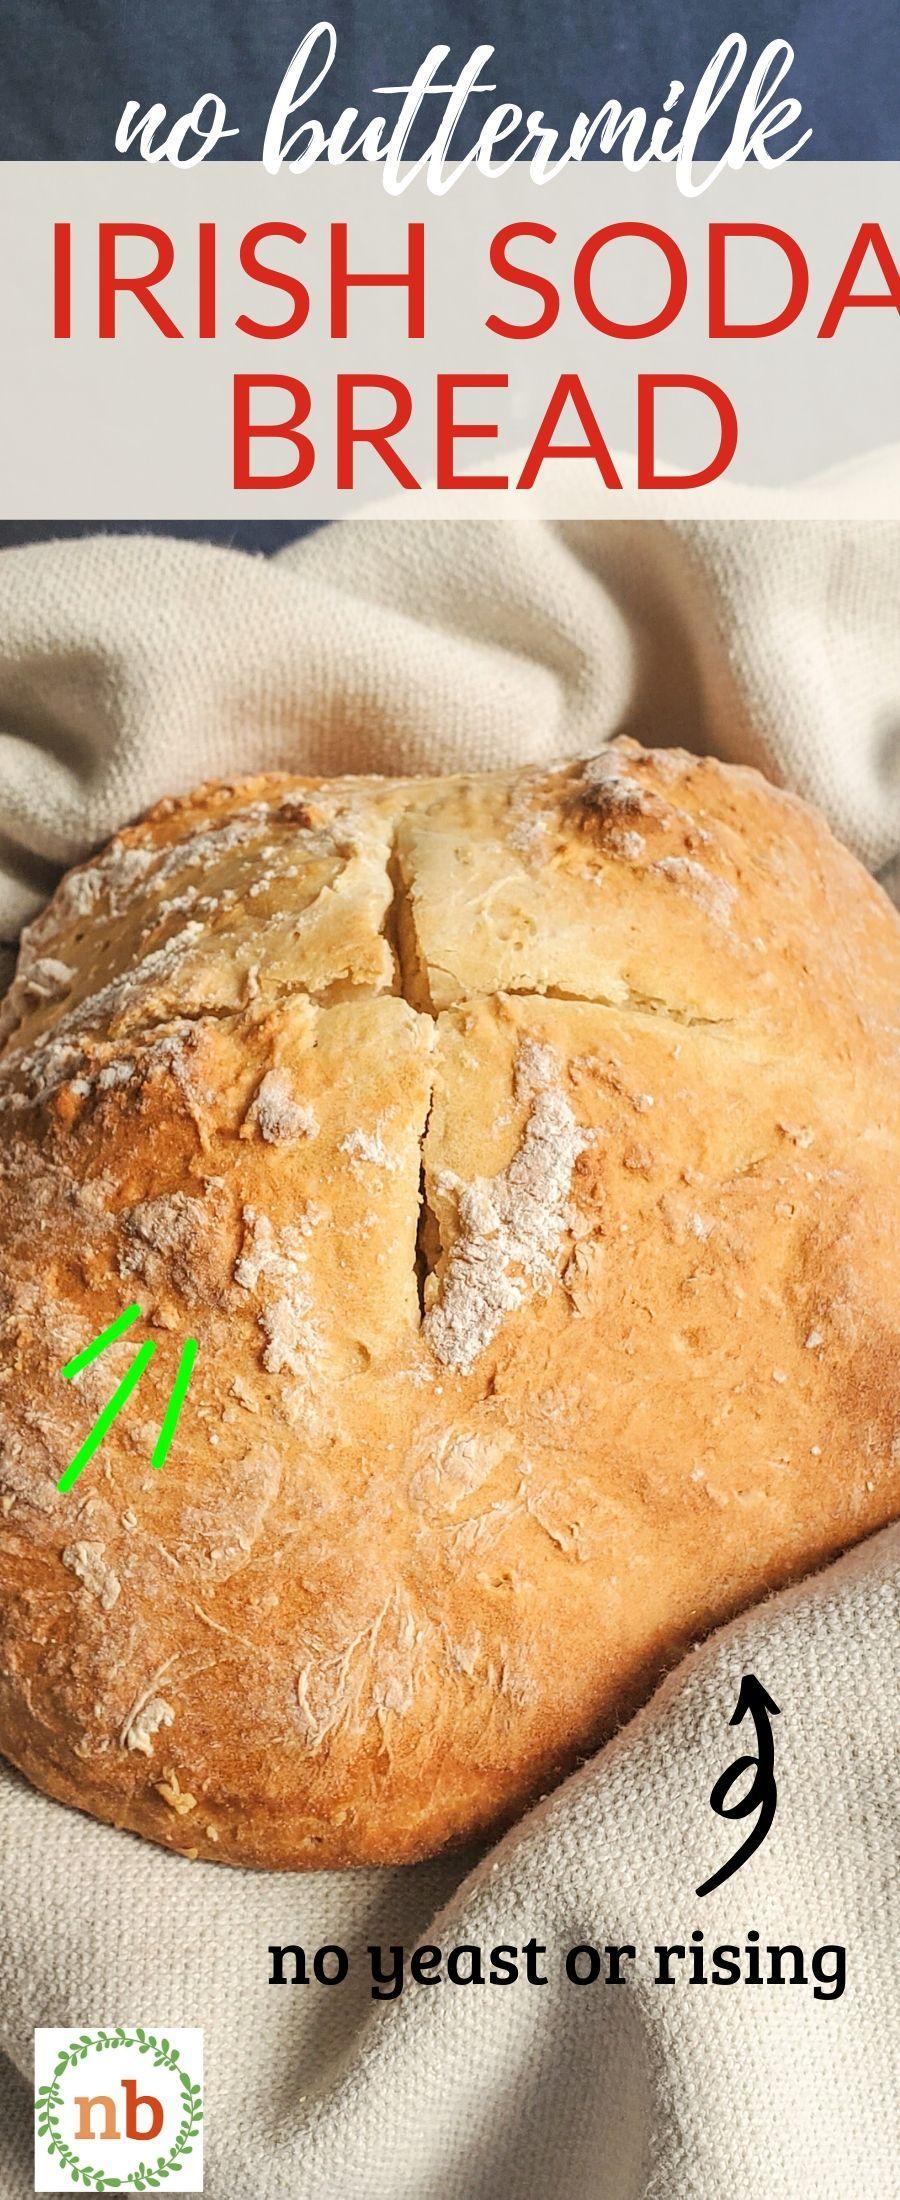 No Buttermilk Irish Soda Bread In 2020 Irish Soda Bread Soda Bread Easy Soda Bread Recipe